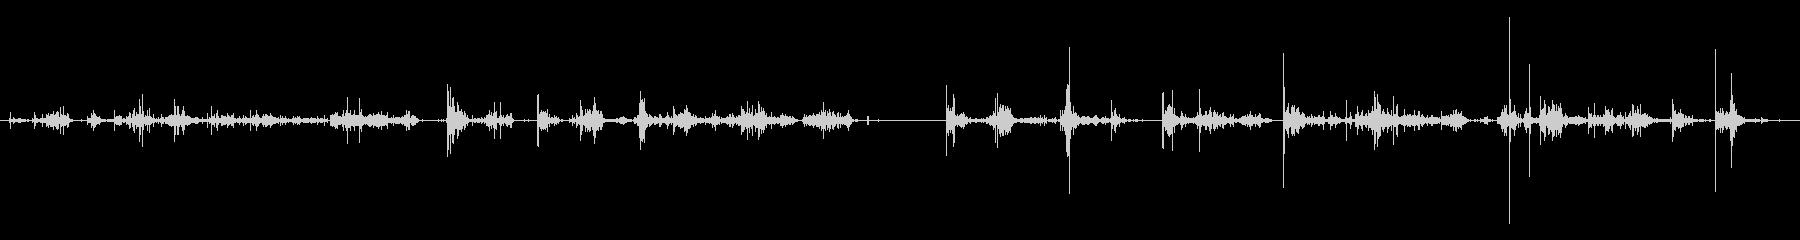 ペッパーグラインダー:いくつかの挽...の未再生の波形